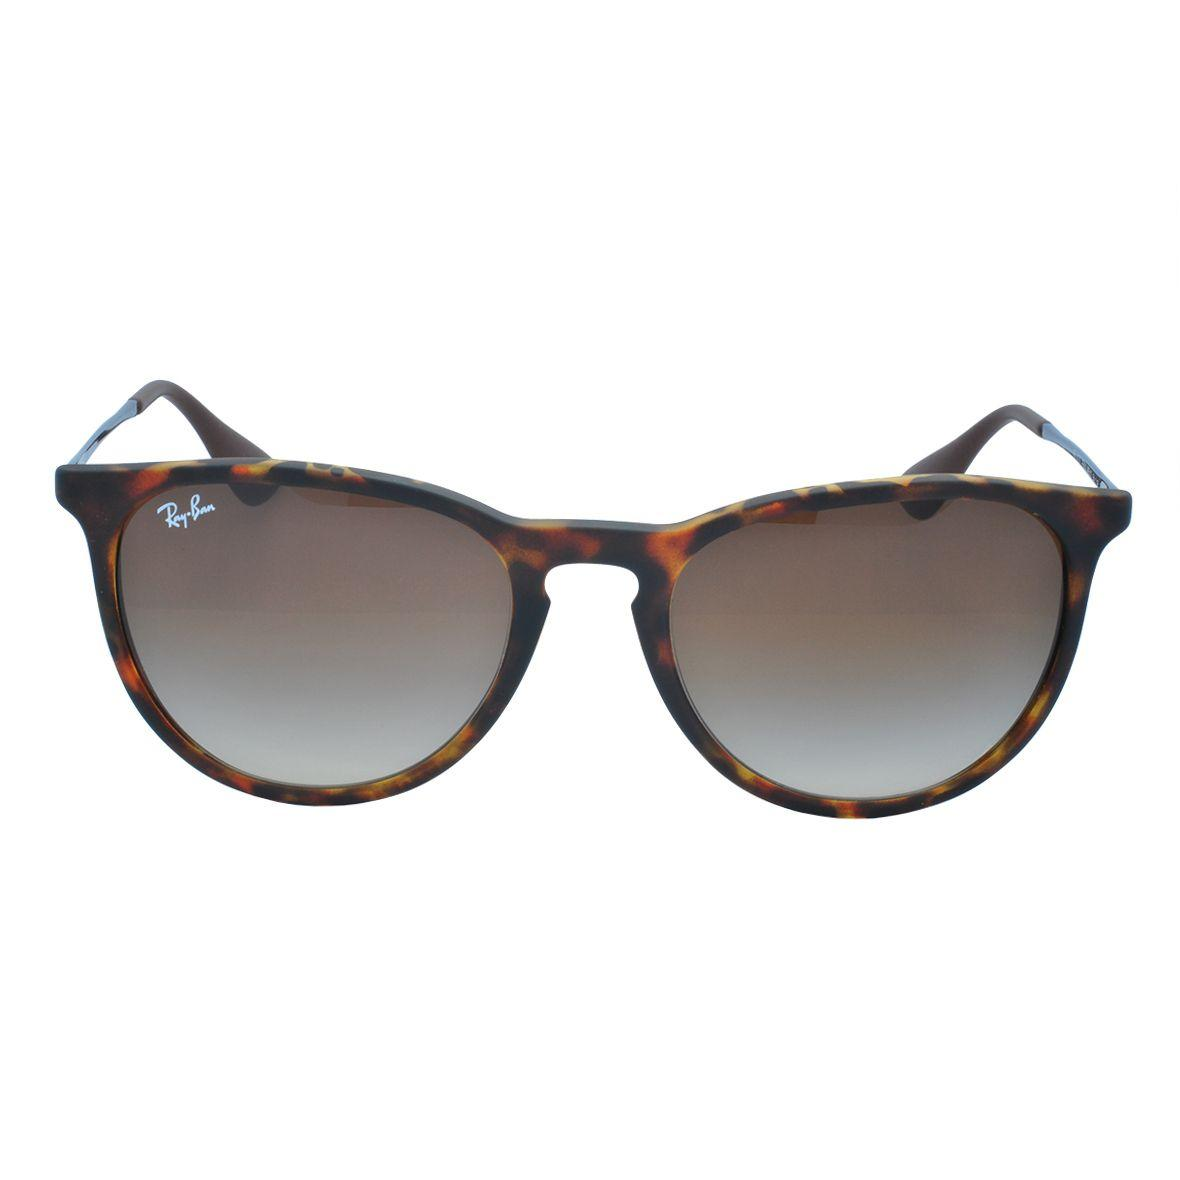 0901f2fd318e8 Óculos de Sol Ray Ban Erika RB4171L 865 13 - Acetato Tartaruga ...